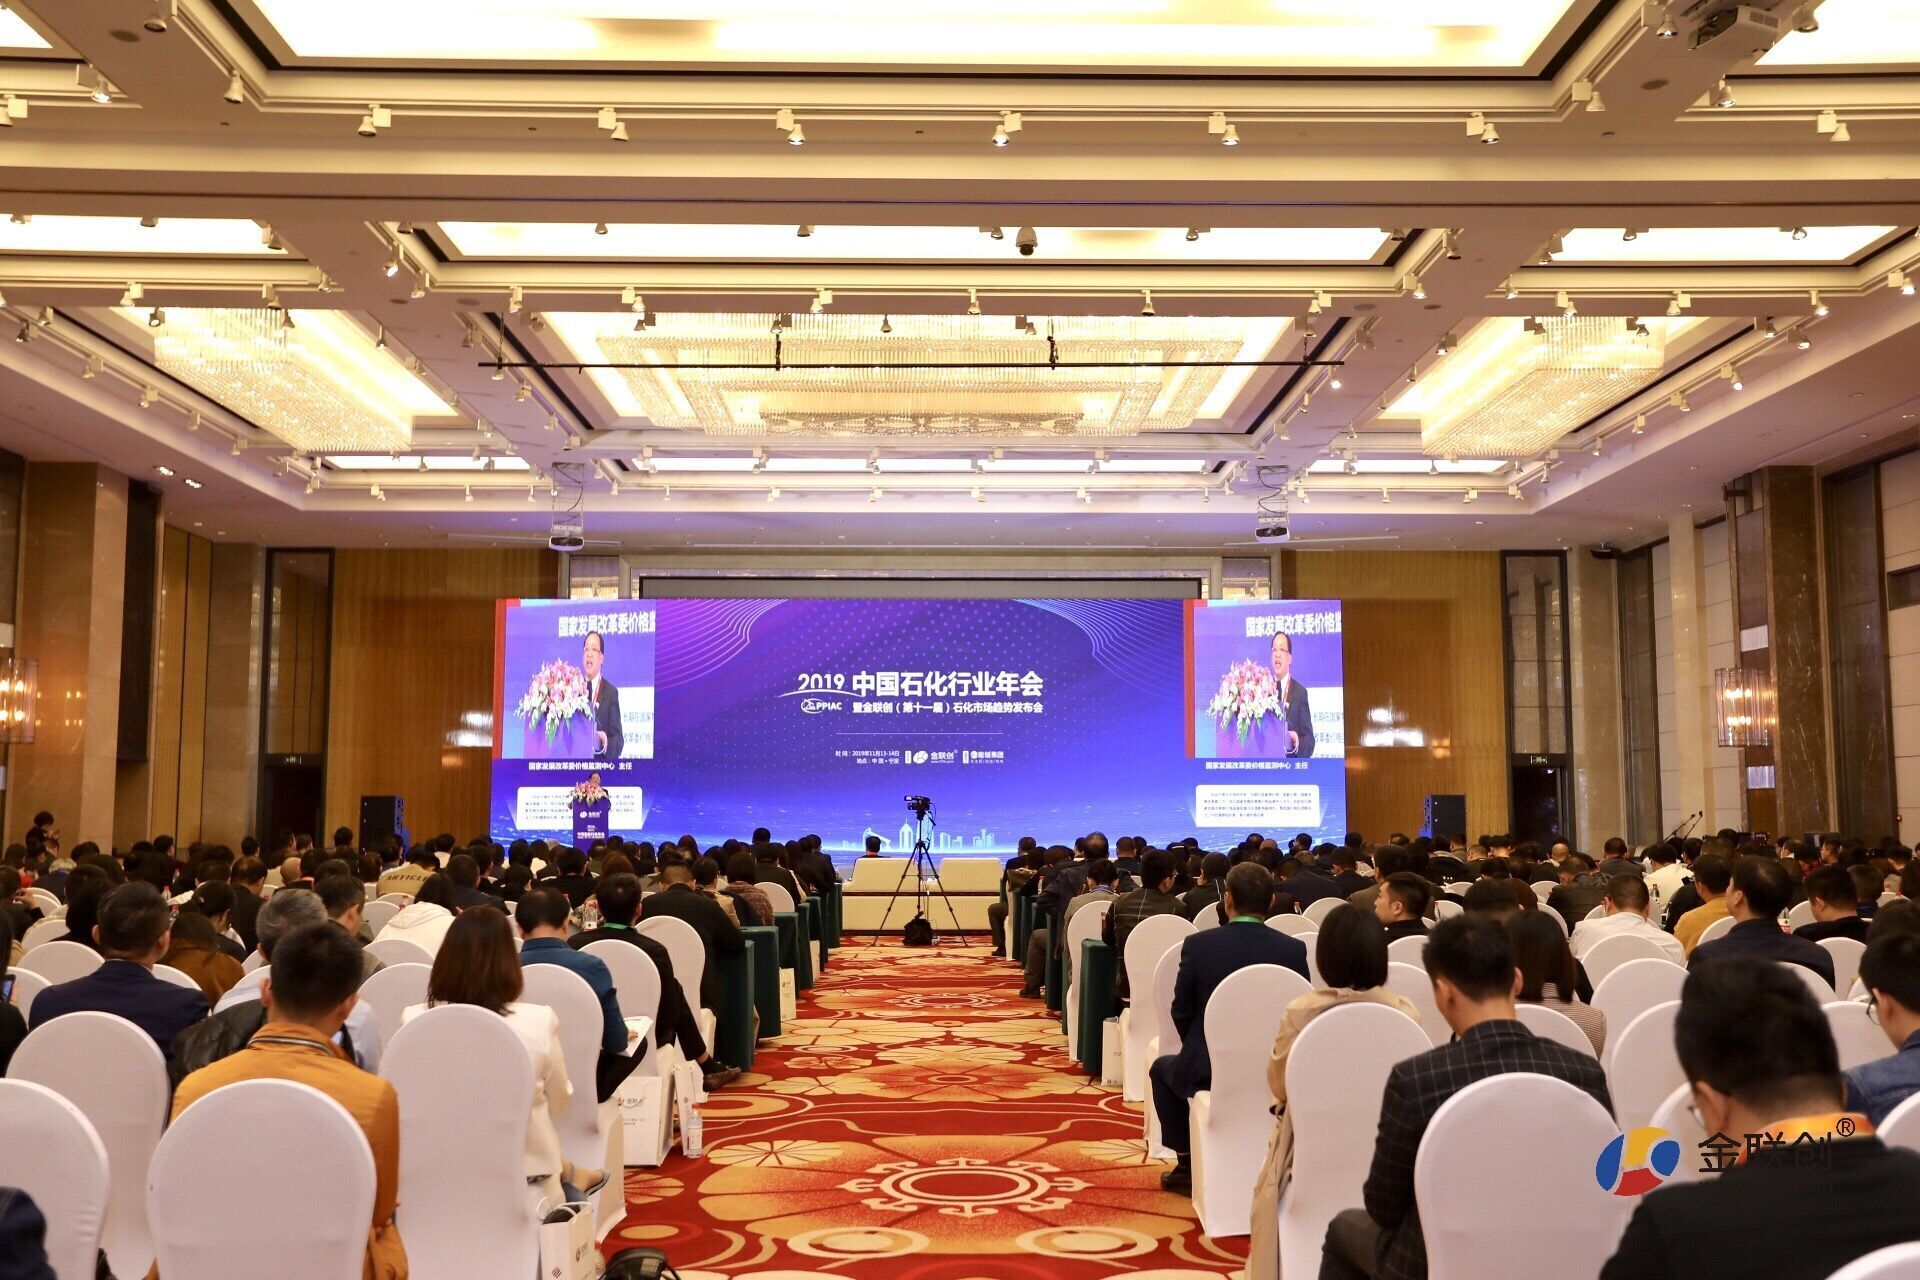 深掘能源数字化发展前景 能链集团鼎力助阵2019中国石化行业年会